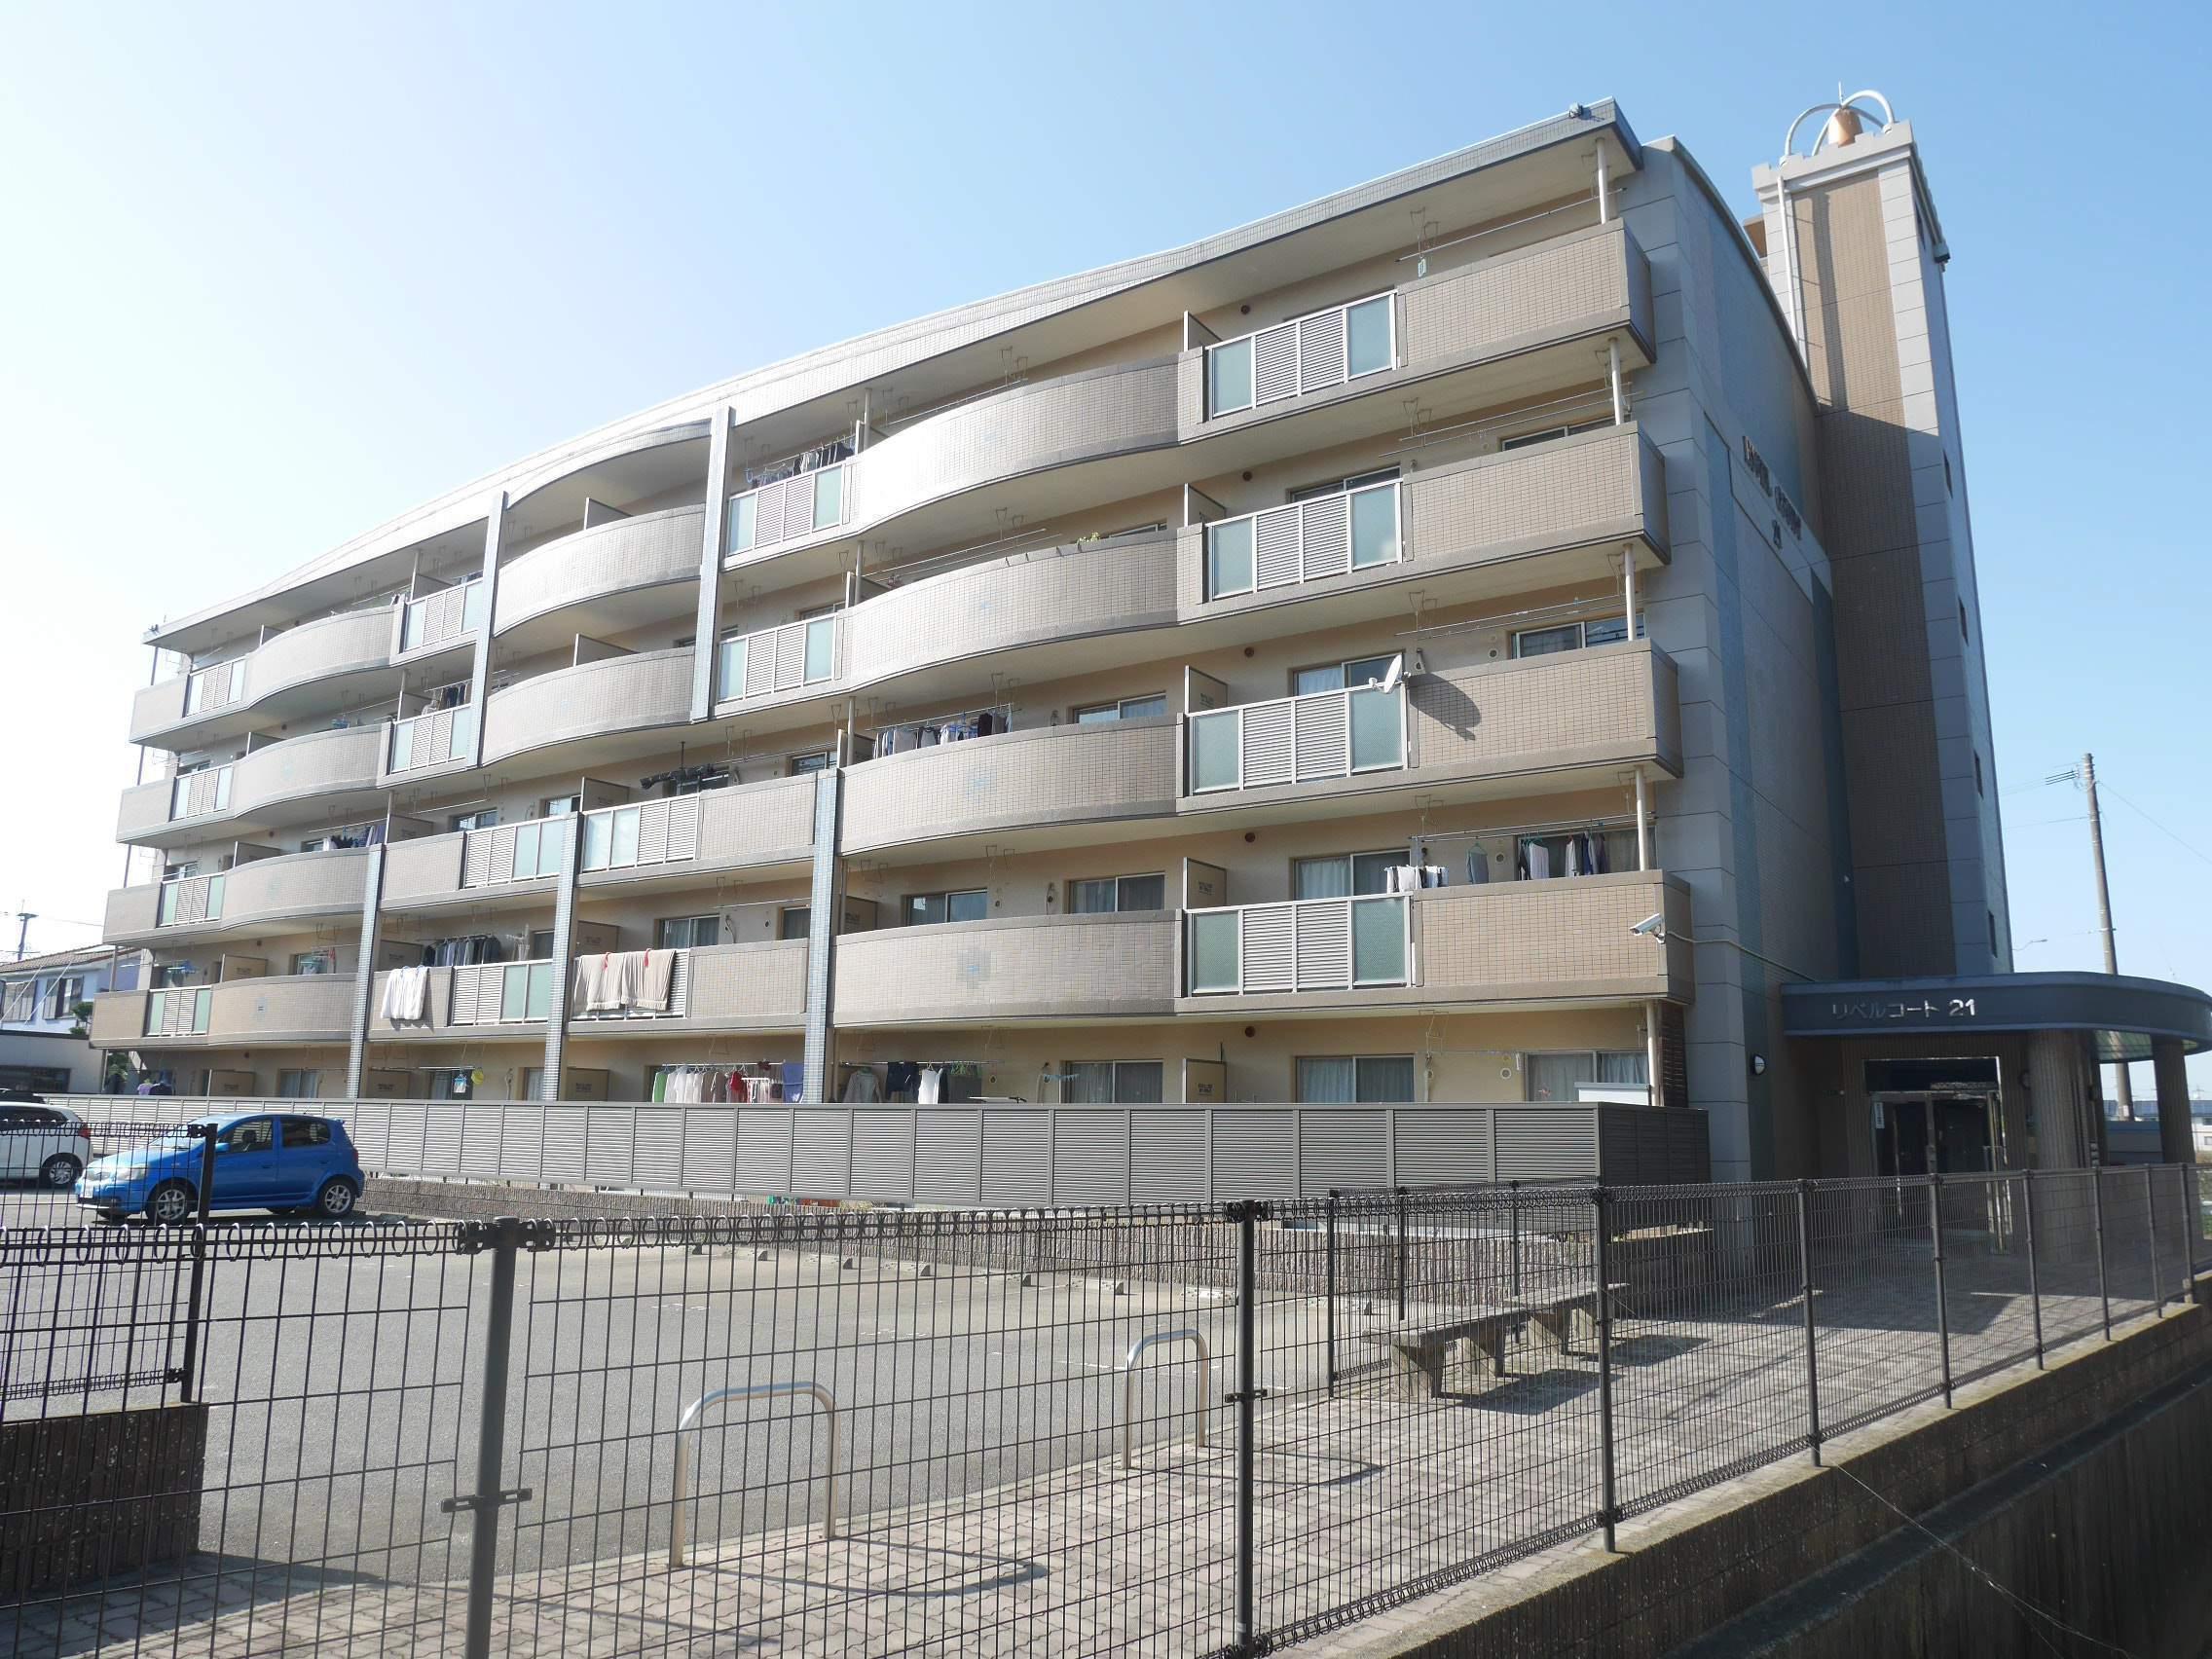 福岡県太宰府市、都府楼南駅徒歩12分の築16年 5階建の賃貸マンション